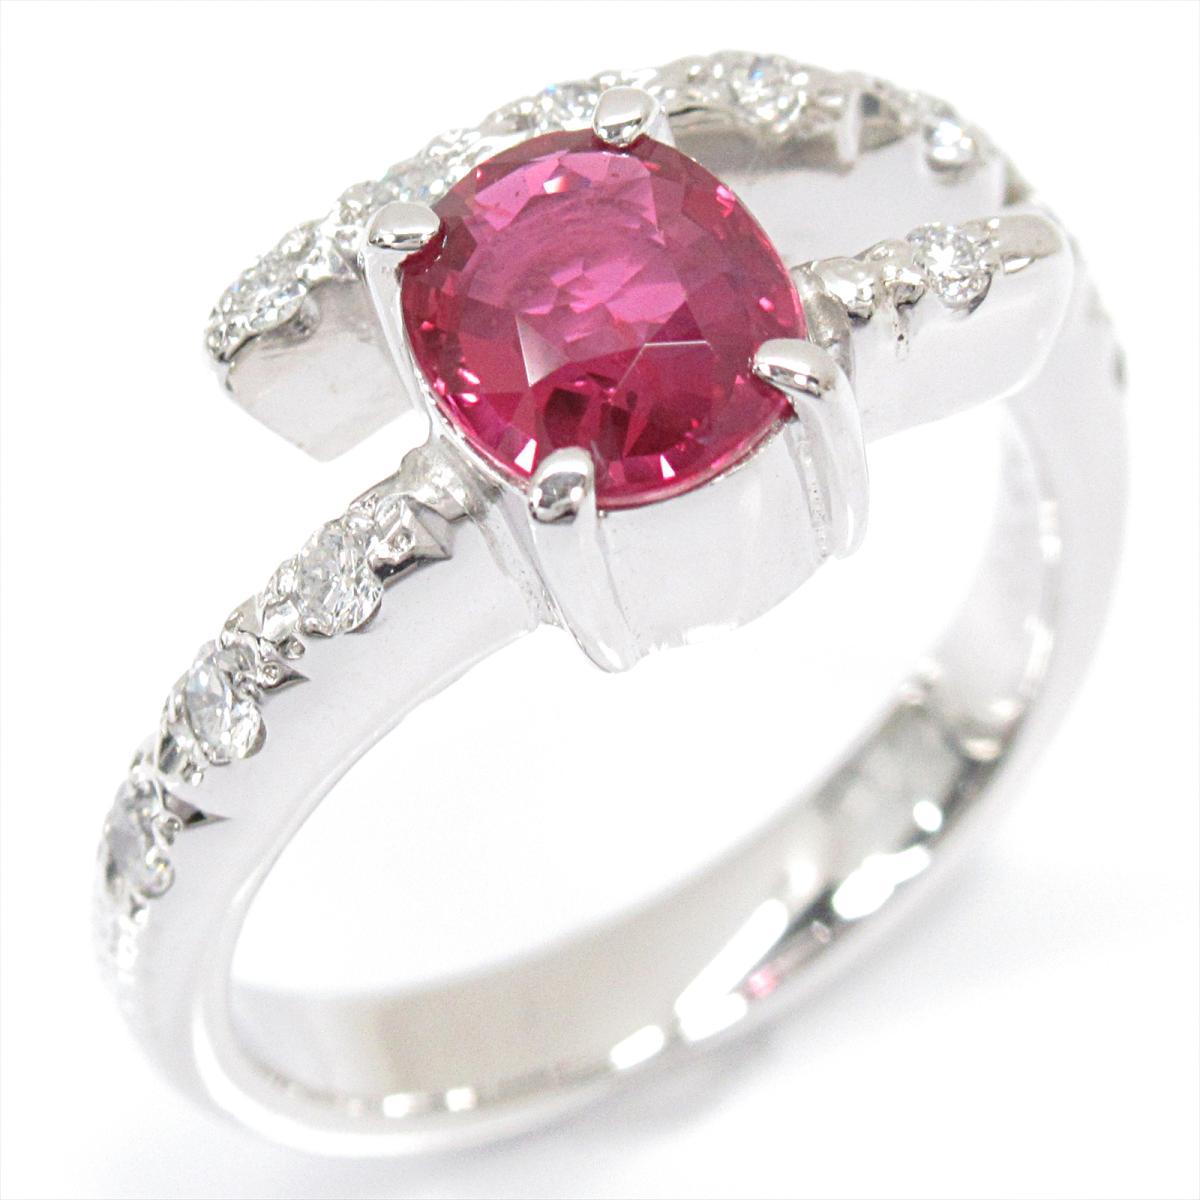 【中古】 ジュエリー 非加熱ルビーリング 指輪 レディース PT900 プラチナ x 非加熱ルビー (1.13ct) ダイヤモンド (0.24ct) | JEWELRY BRANDOFF ブランドオフ ブランド アクセサリー リング